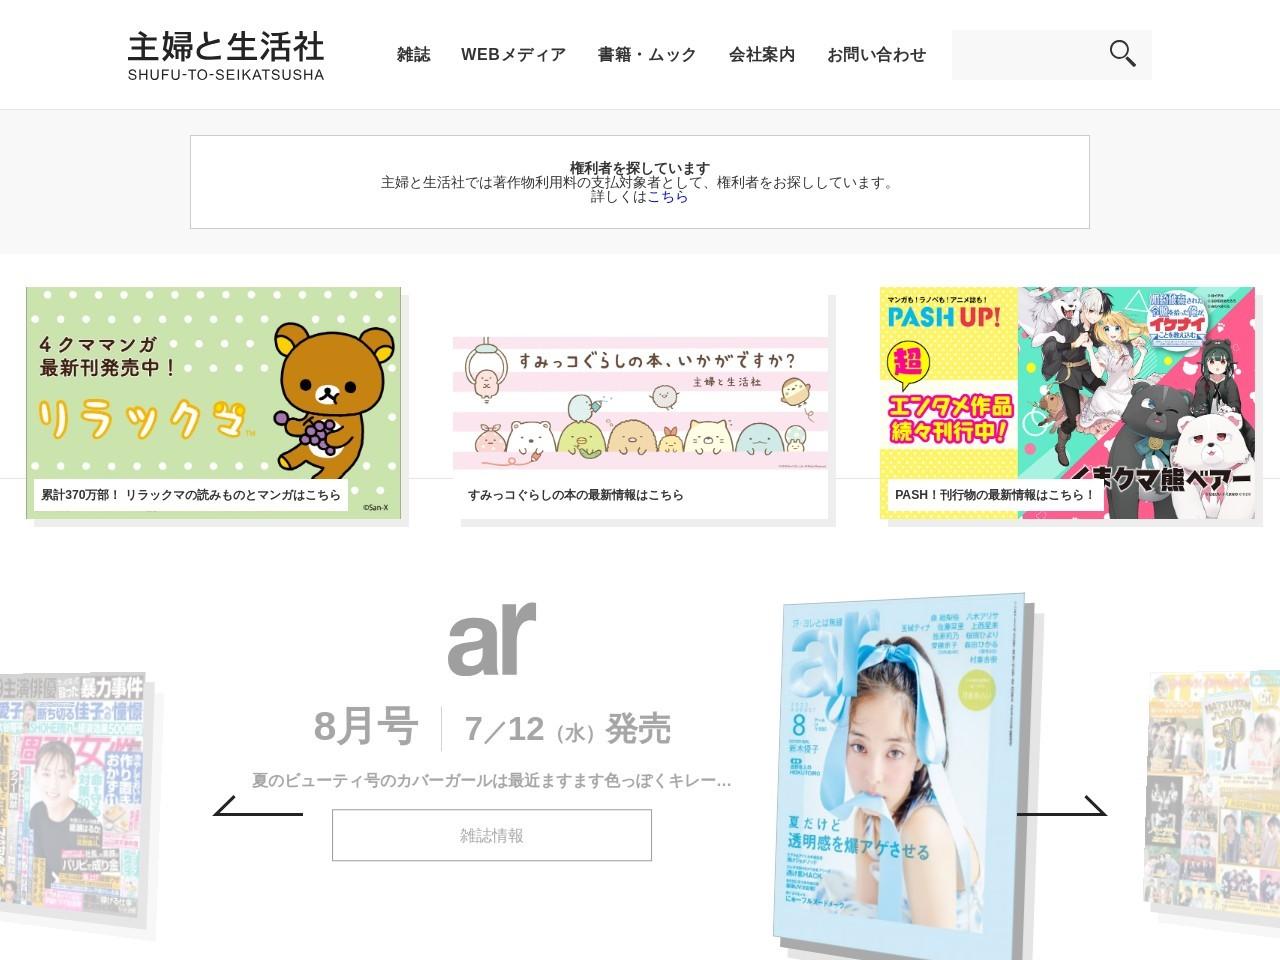 http://www.shufu.co.jp/magazine/woman/